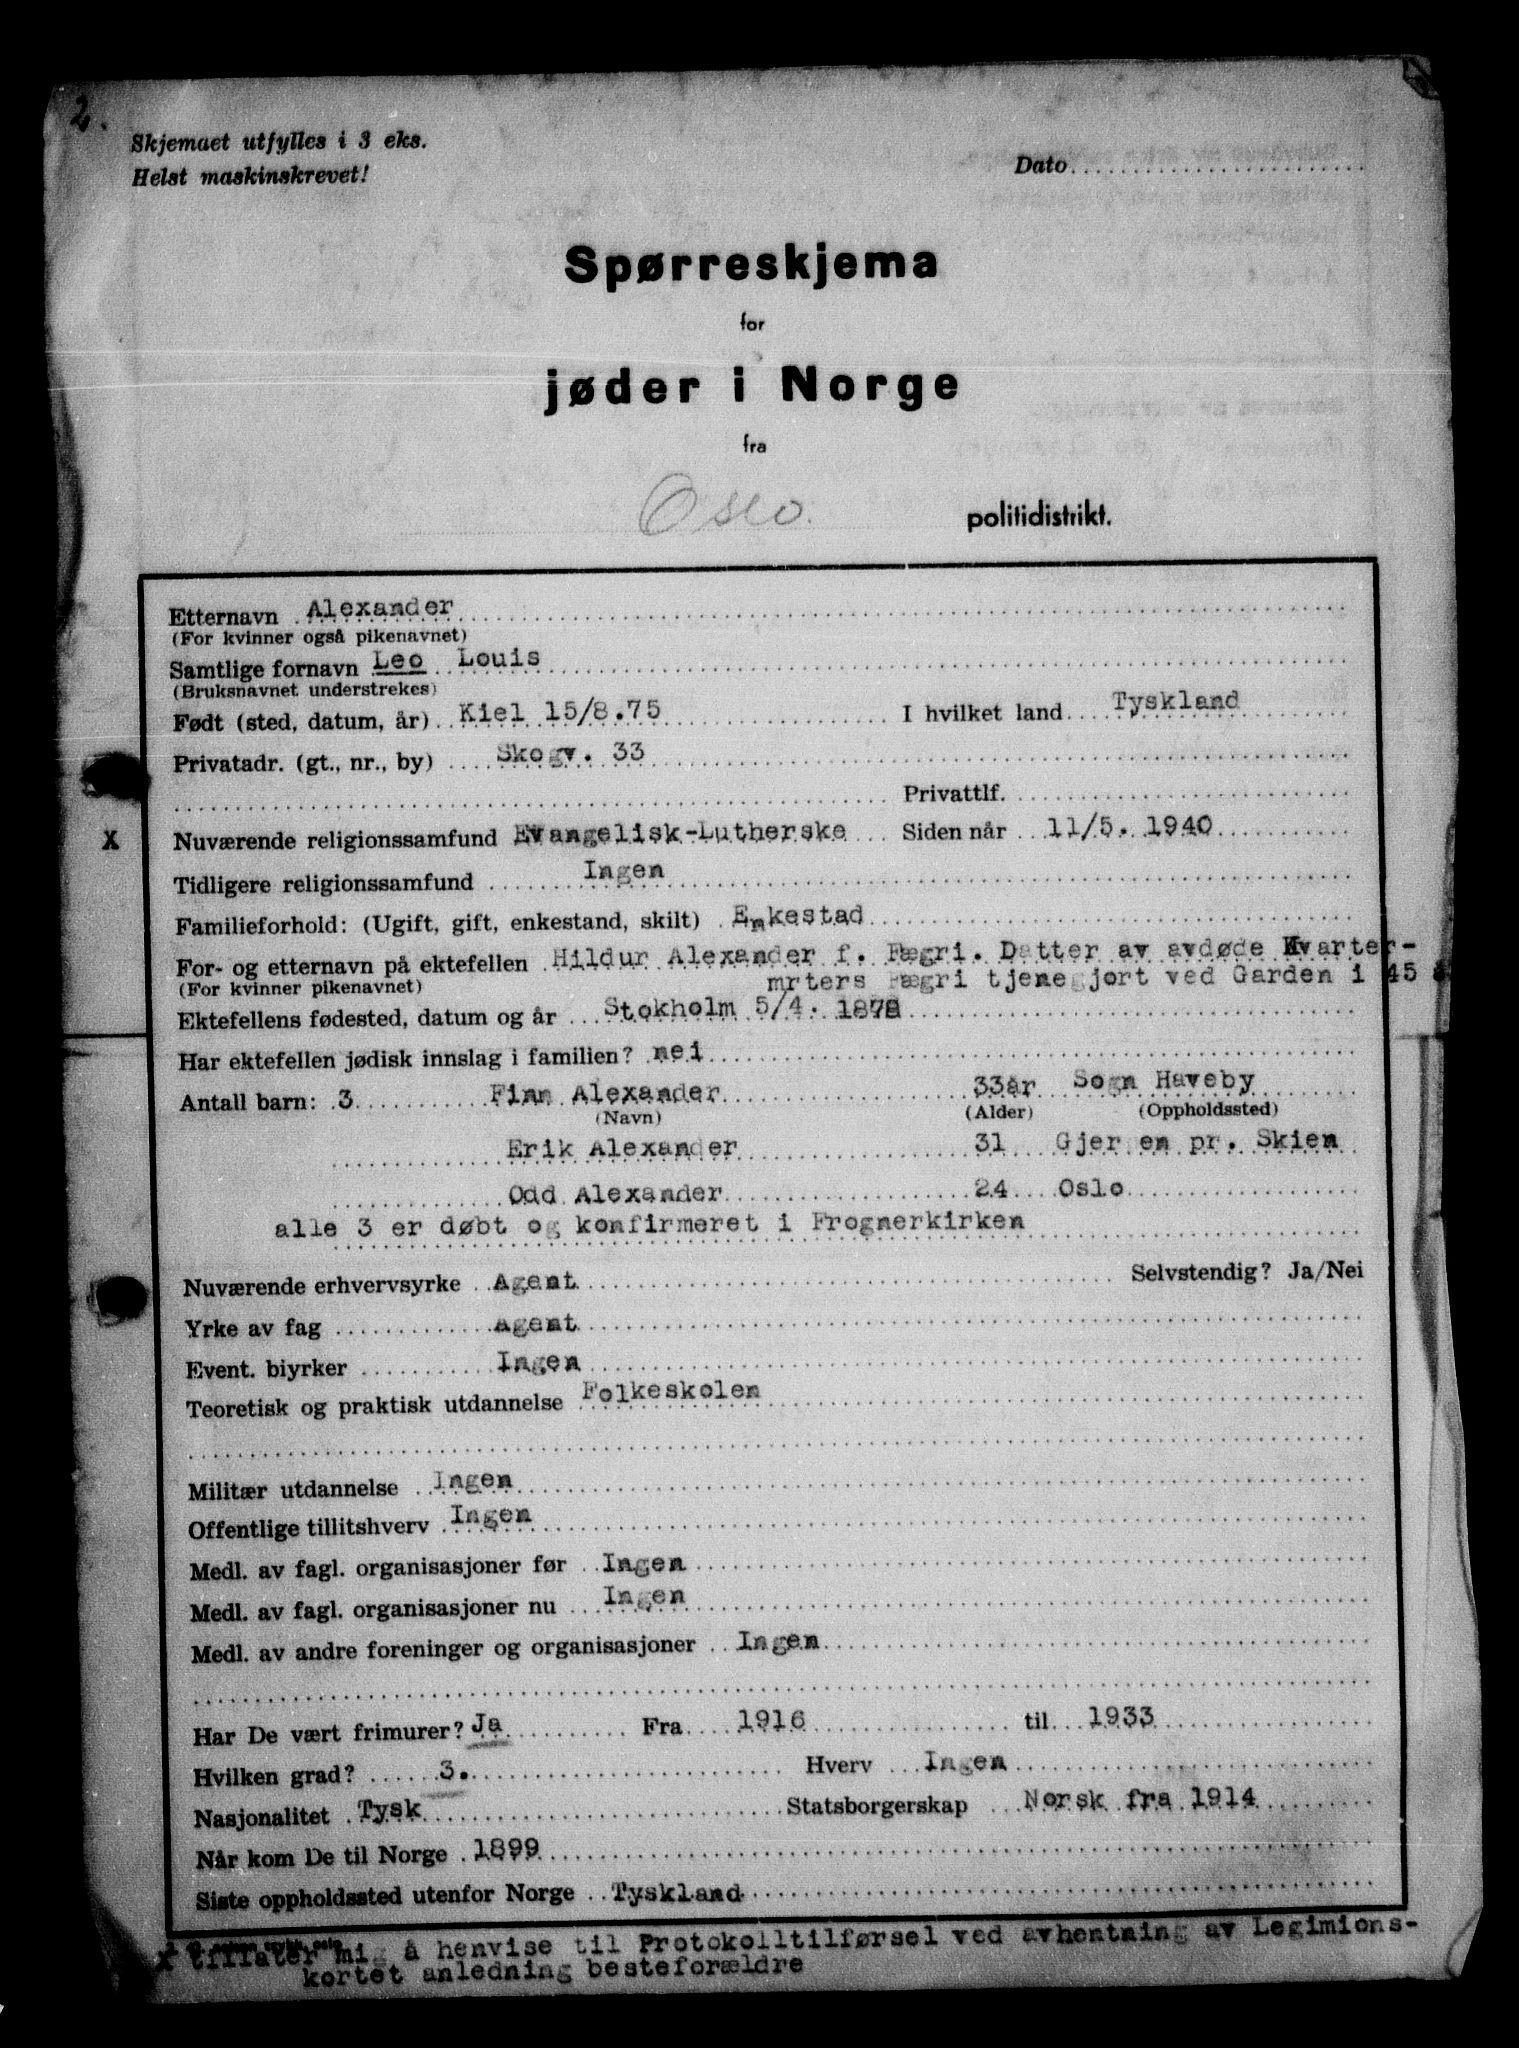 RA, Statspolitiet - Hovedkontoret / Osloavdelingen, G/Ga/L0009: Spørreskjema for jøder i Norge, Oslo Alexander-Gutman, 1942, s. 1